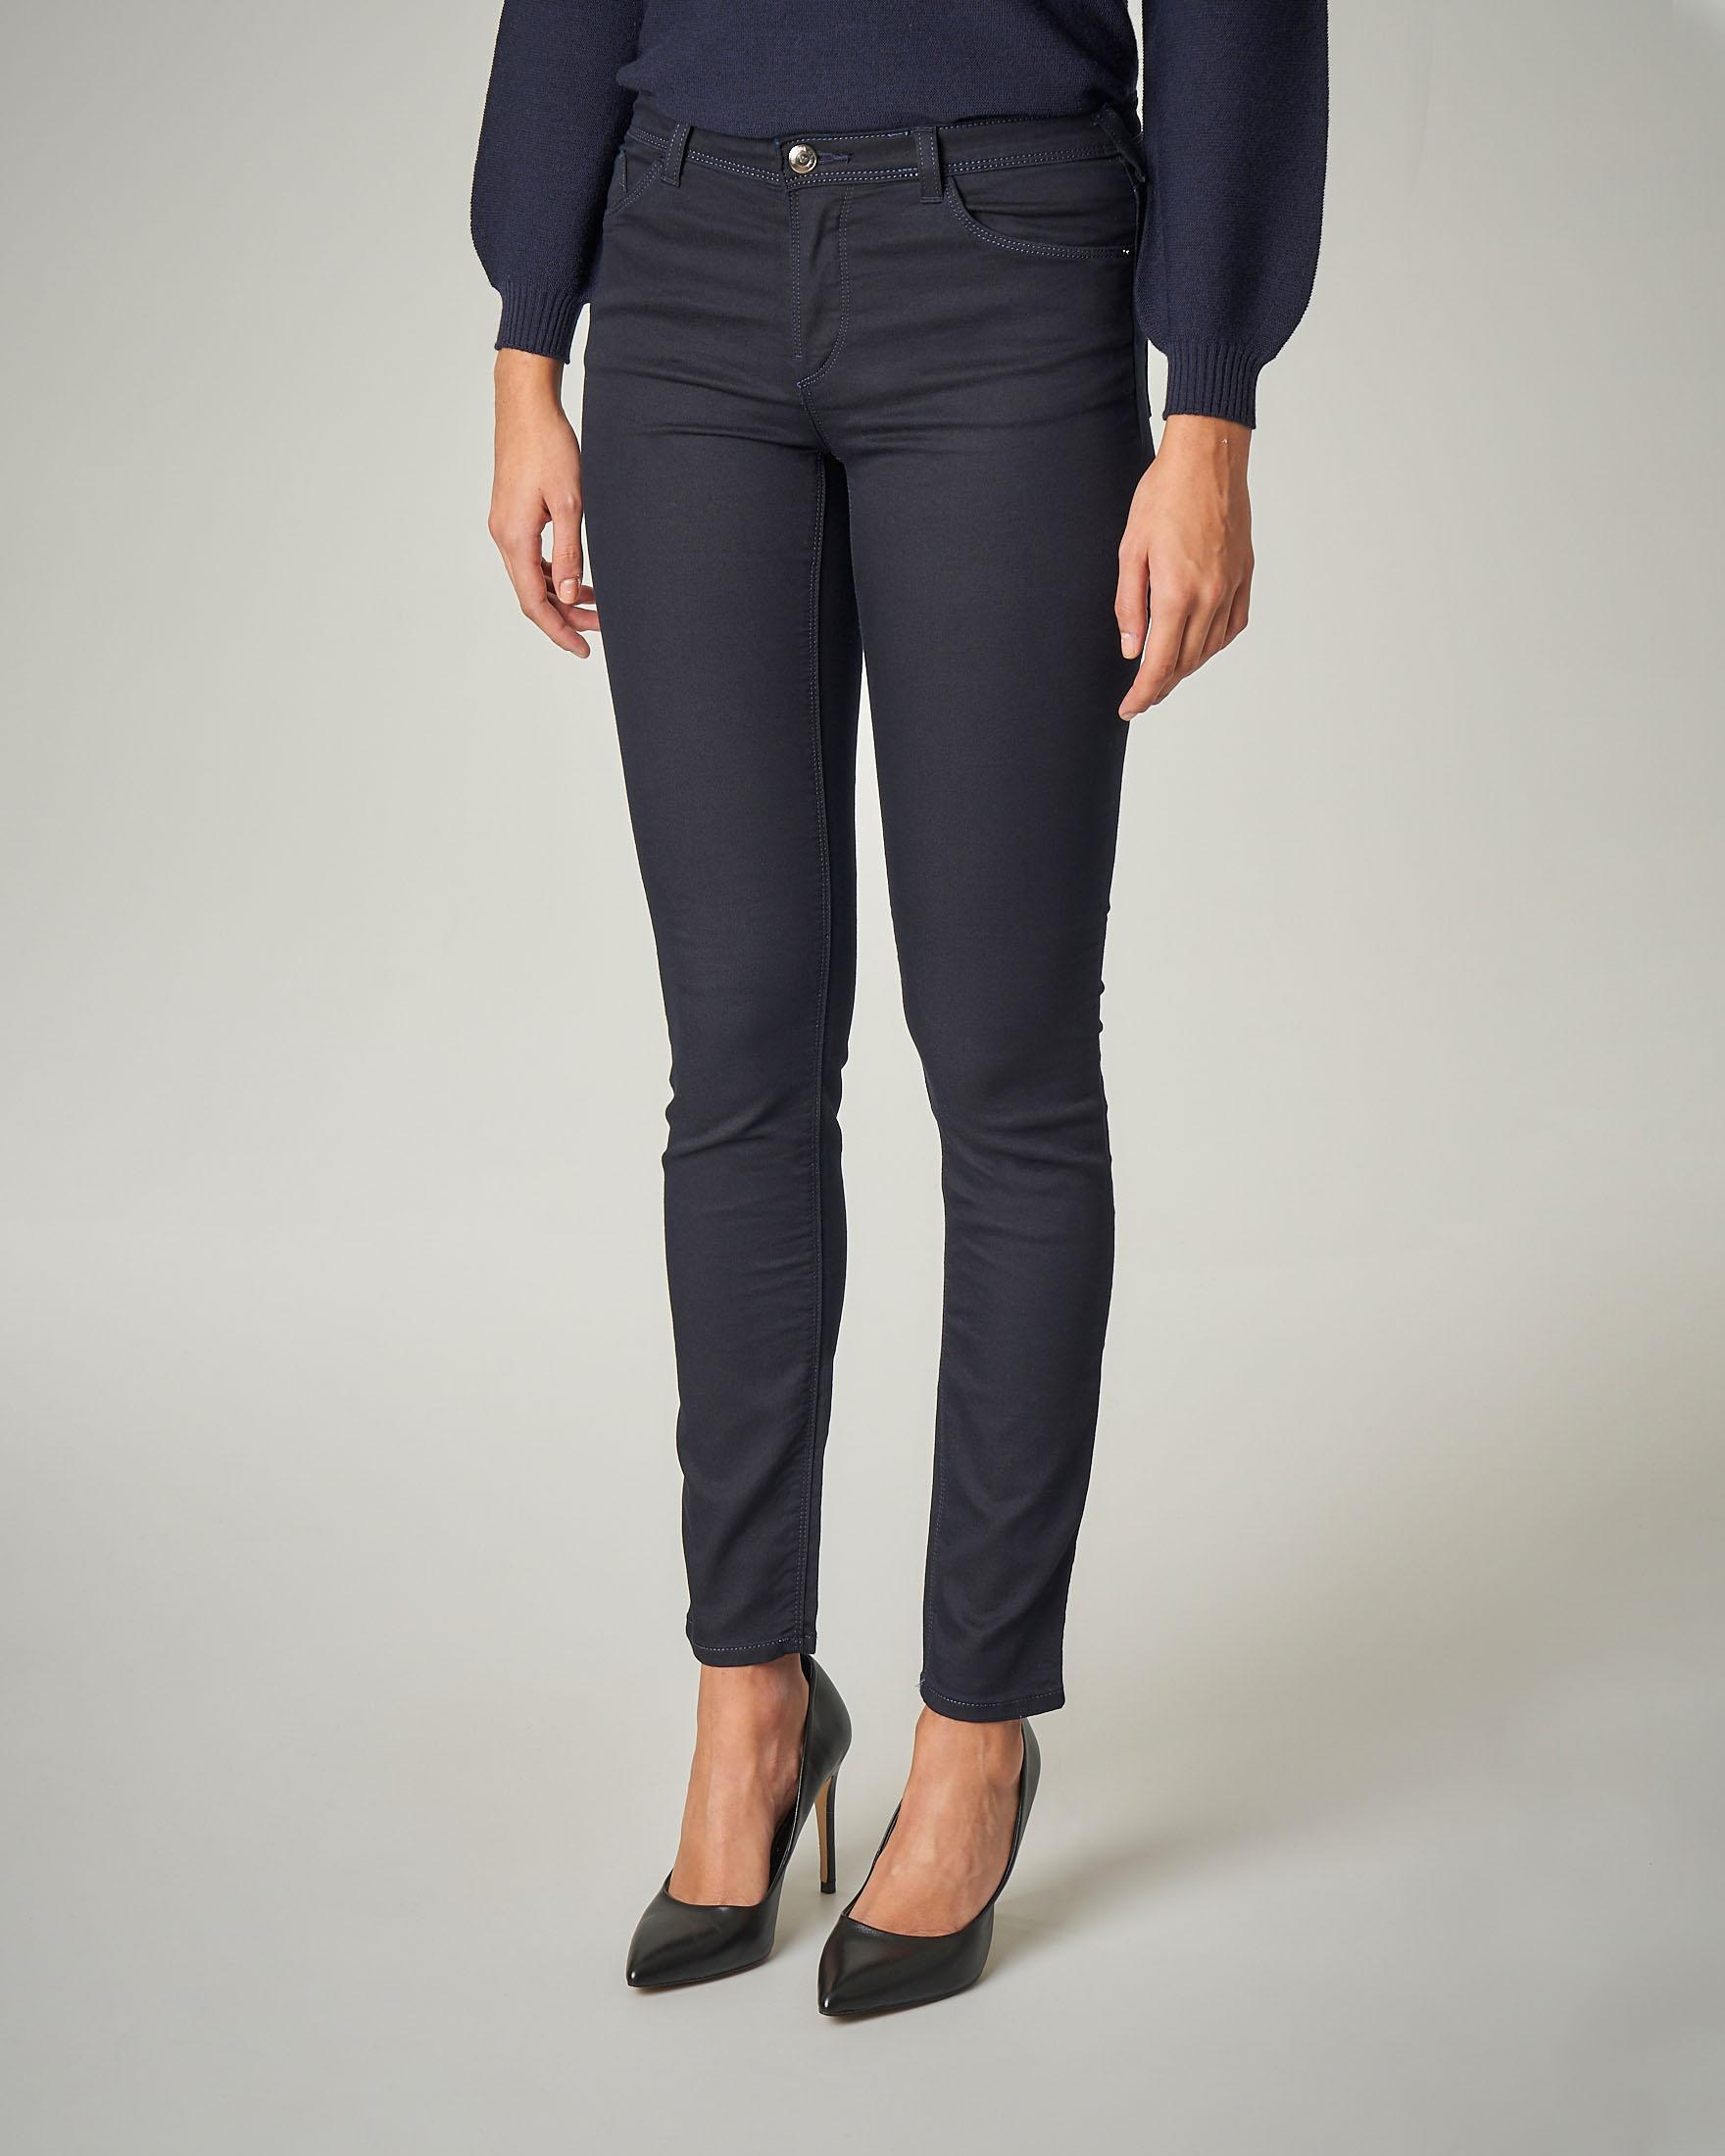 Jeans skinny elasticizzati blu notte